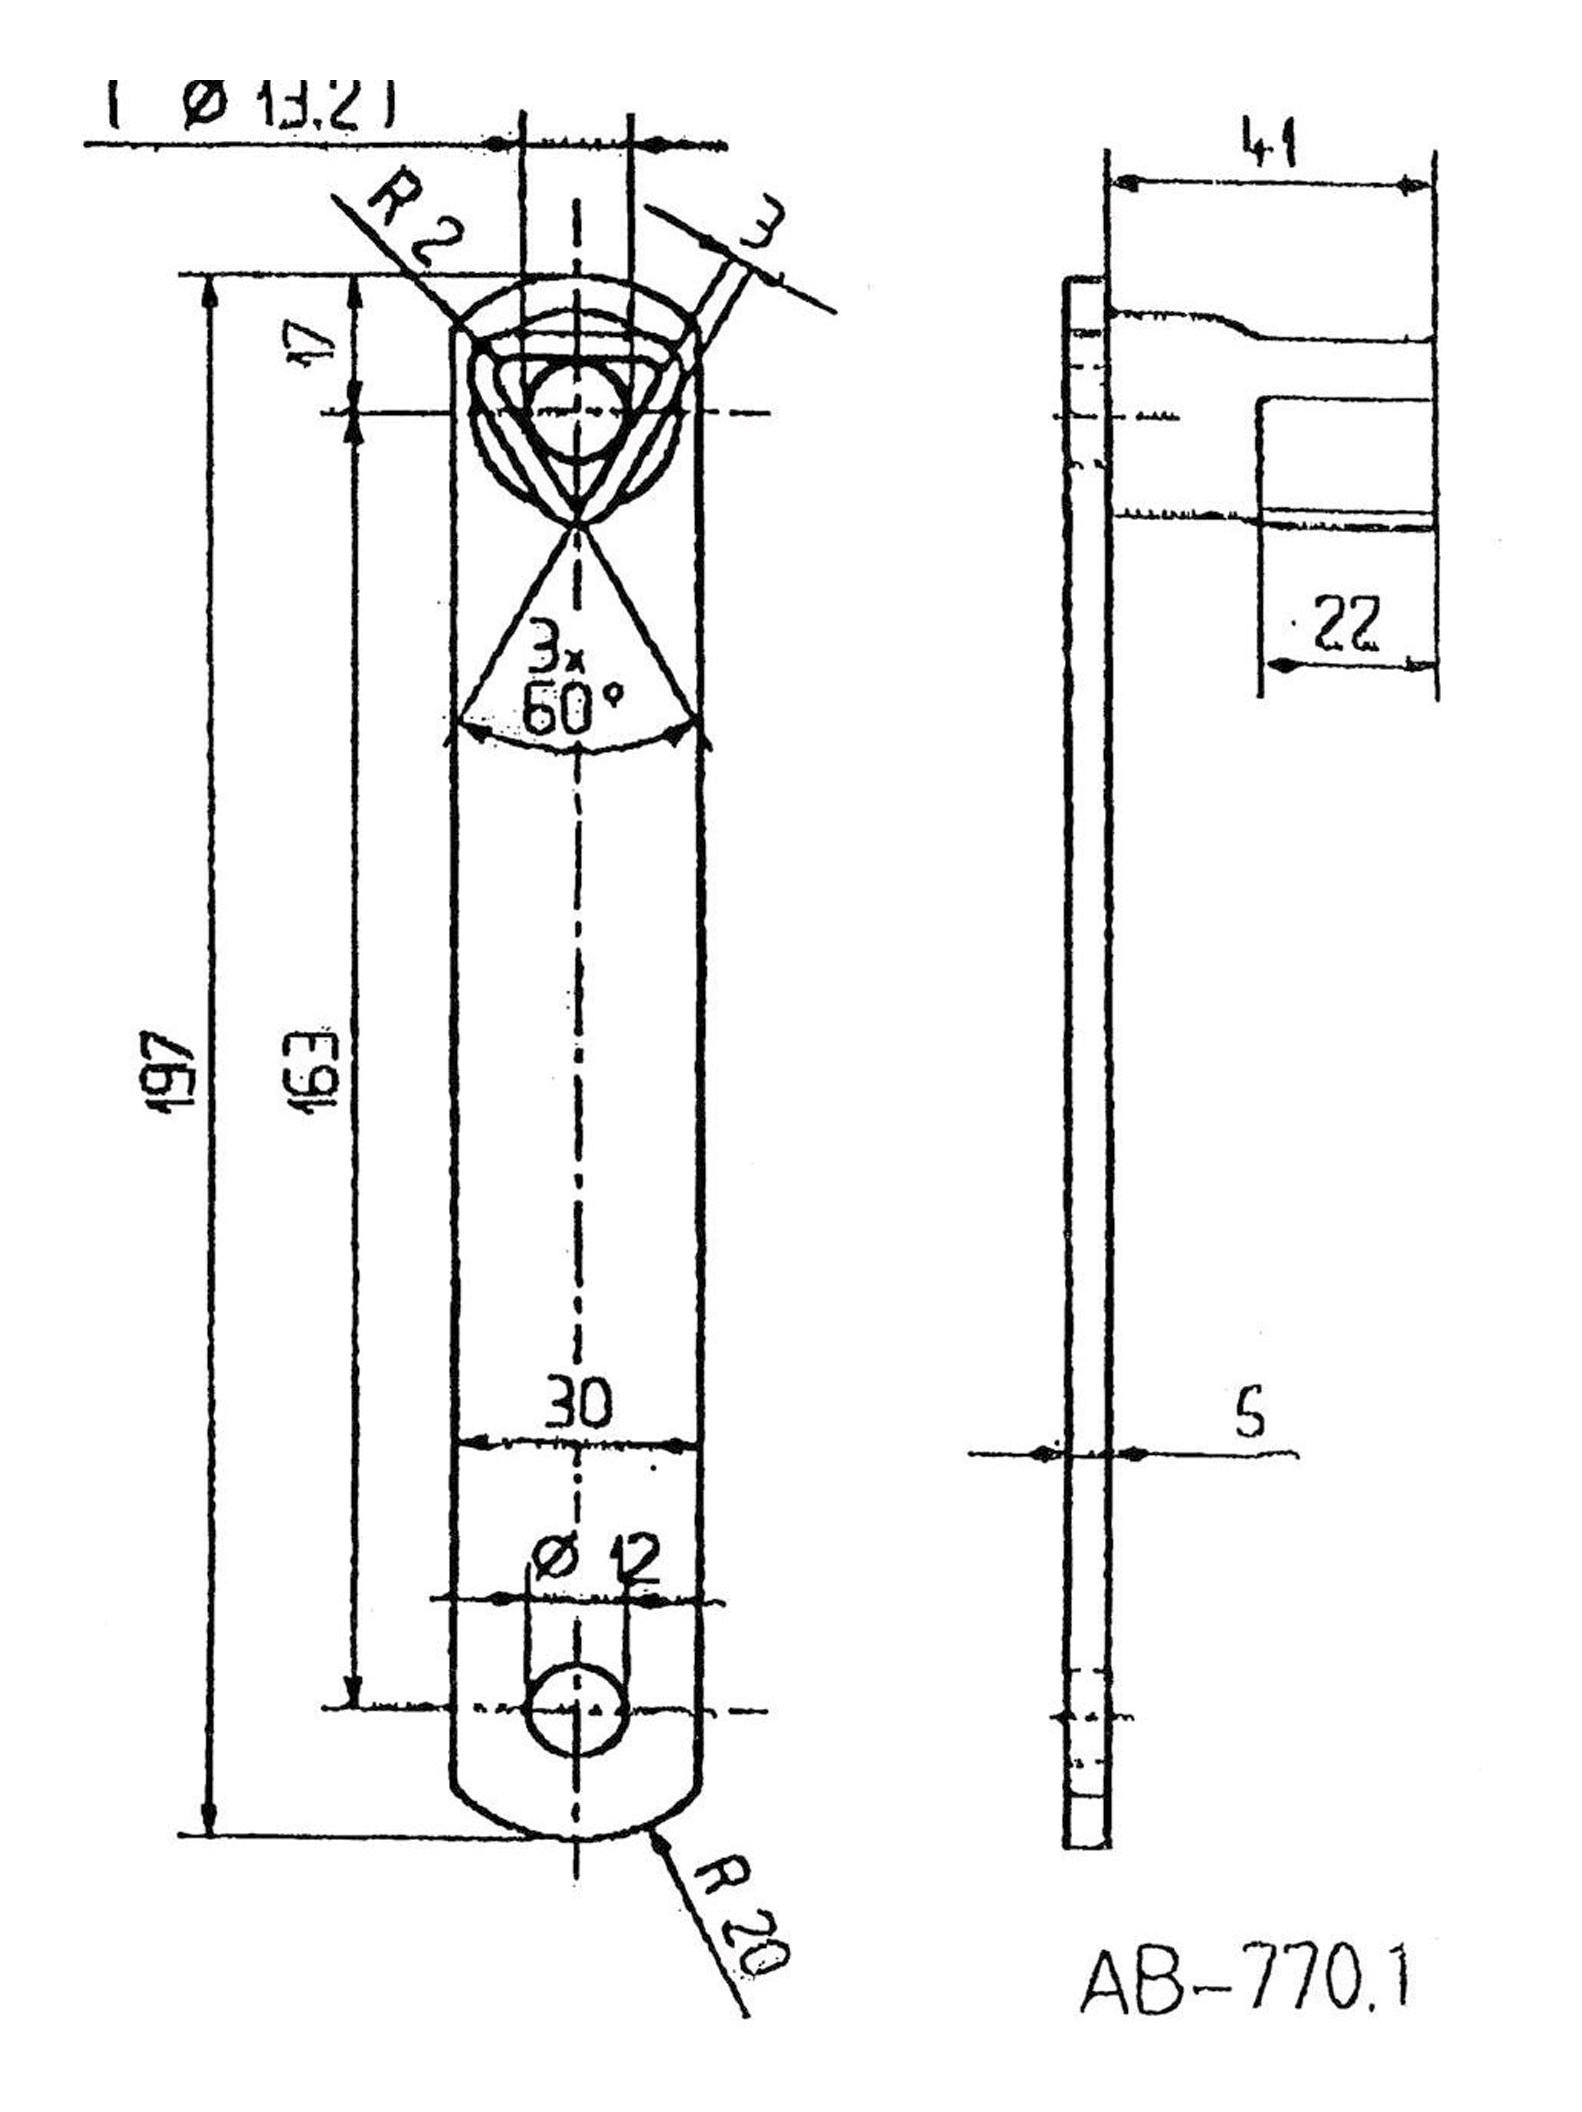 Bever & Klophaus Dreikantschlüssel 17mm - 770.1